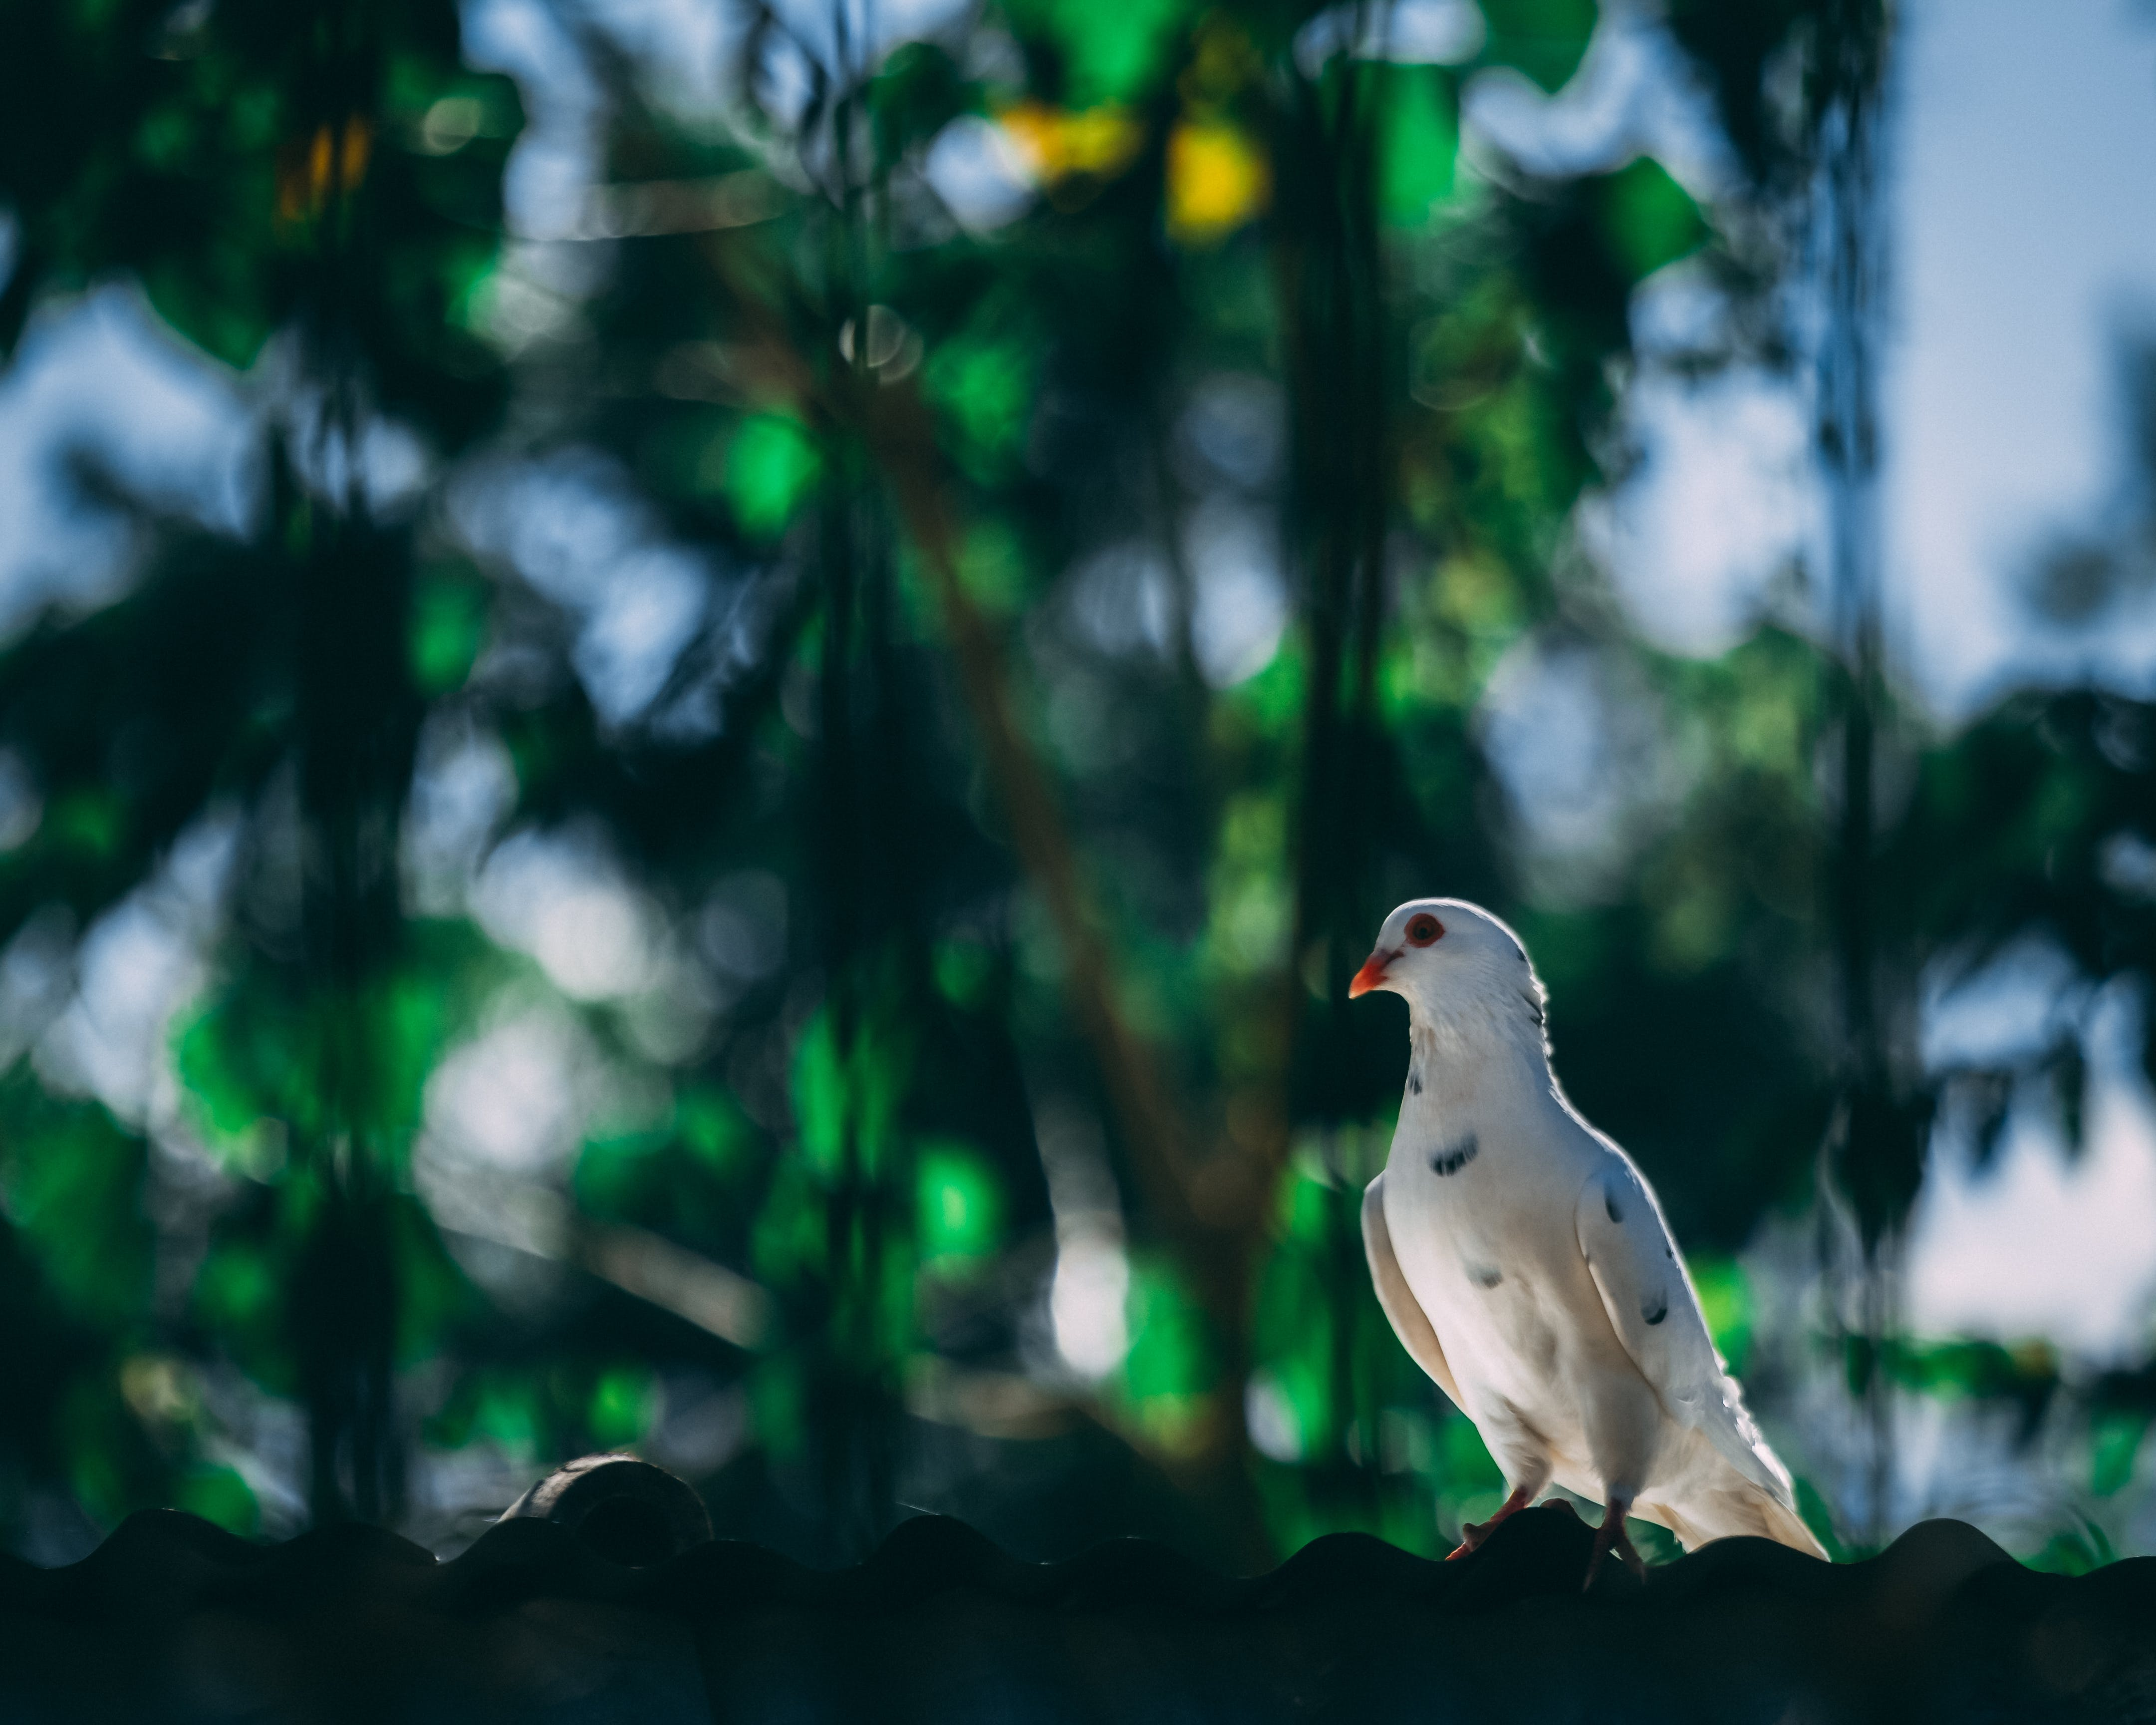 Kostenloses Stock Foto zu vogel, tier, verschwimmen, schnabel